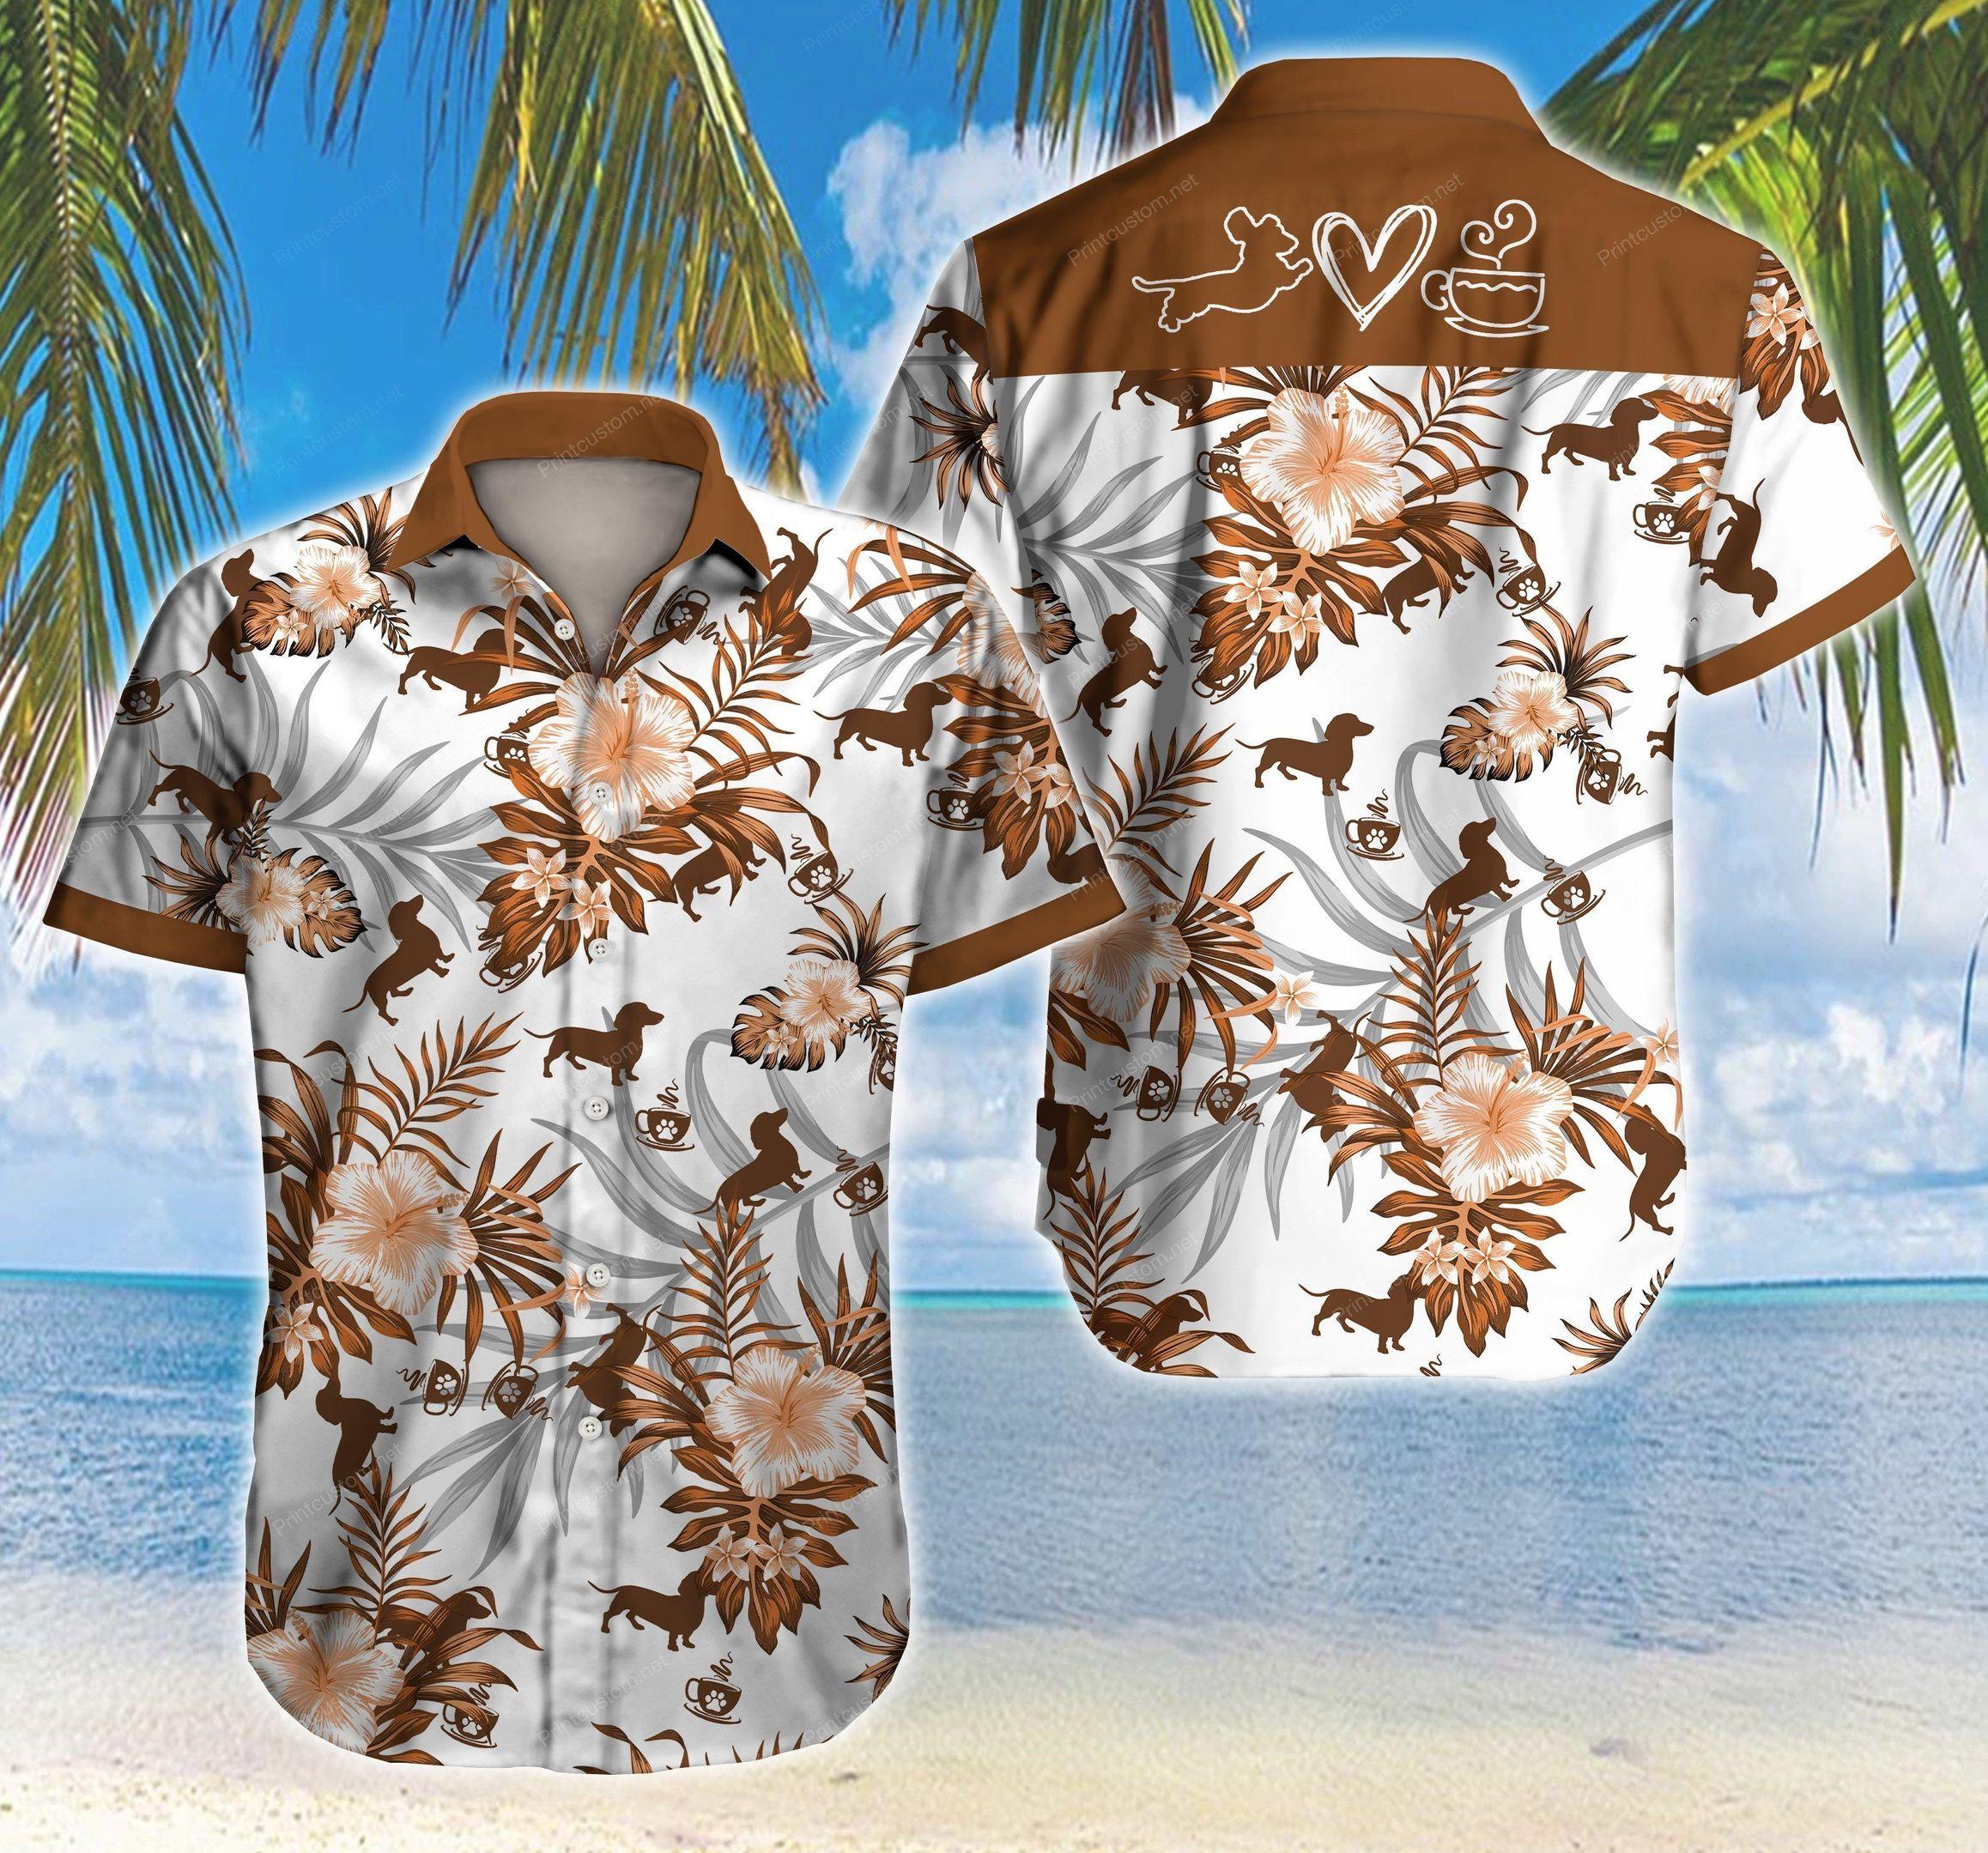 Dachshund Coffee Floral Hawaiian Shirt Summer Beach Shirt